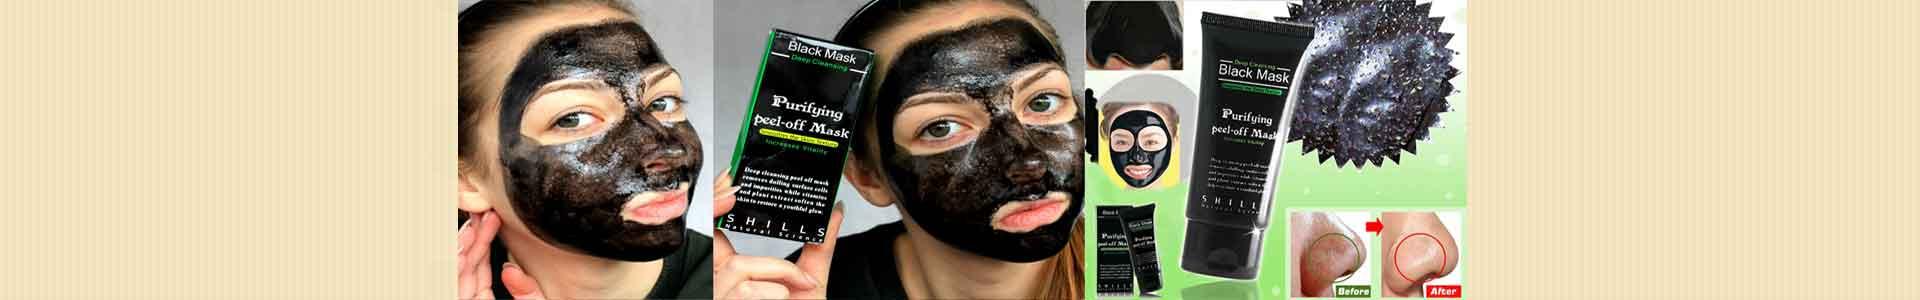 خرید بلک ماسک سیاه سودا لایه بردار پوست ماسک زغال 15000 تومان